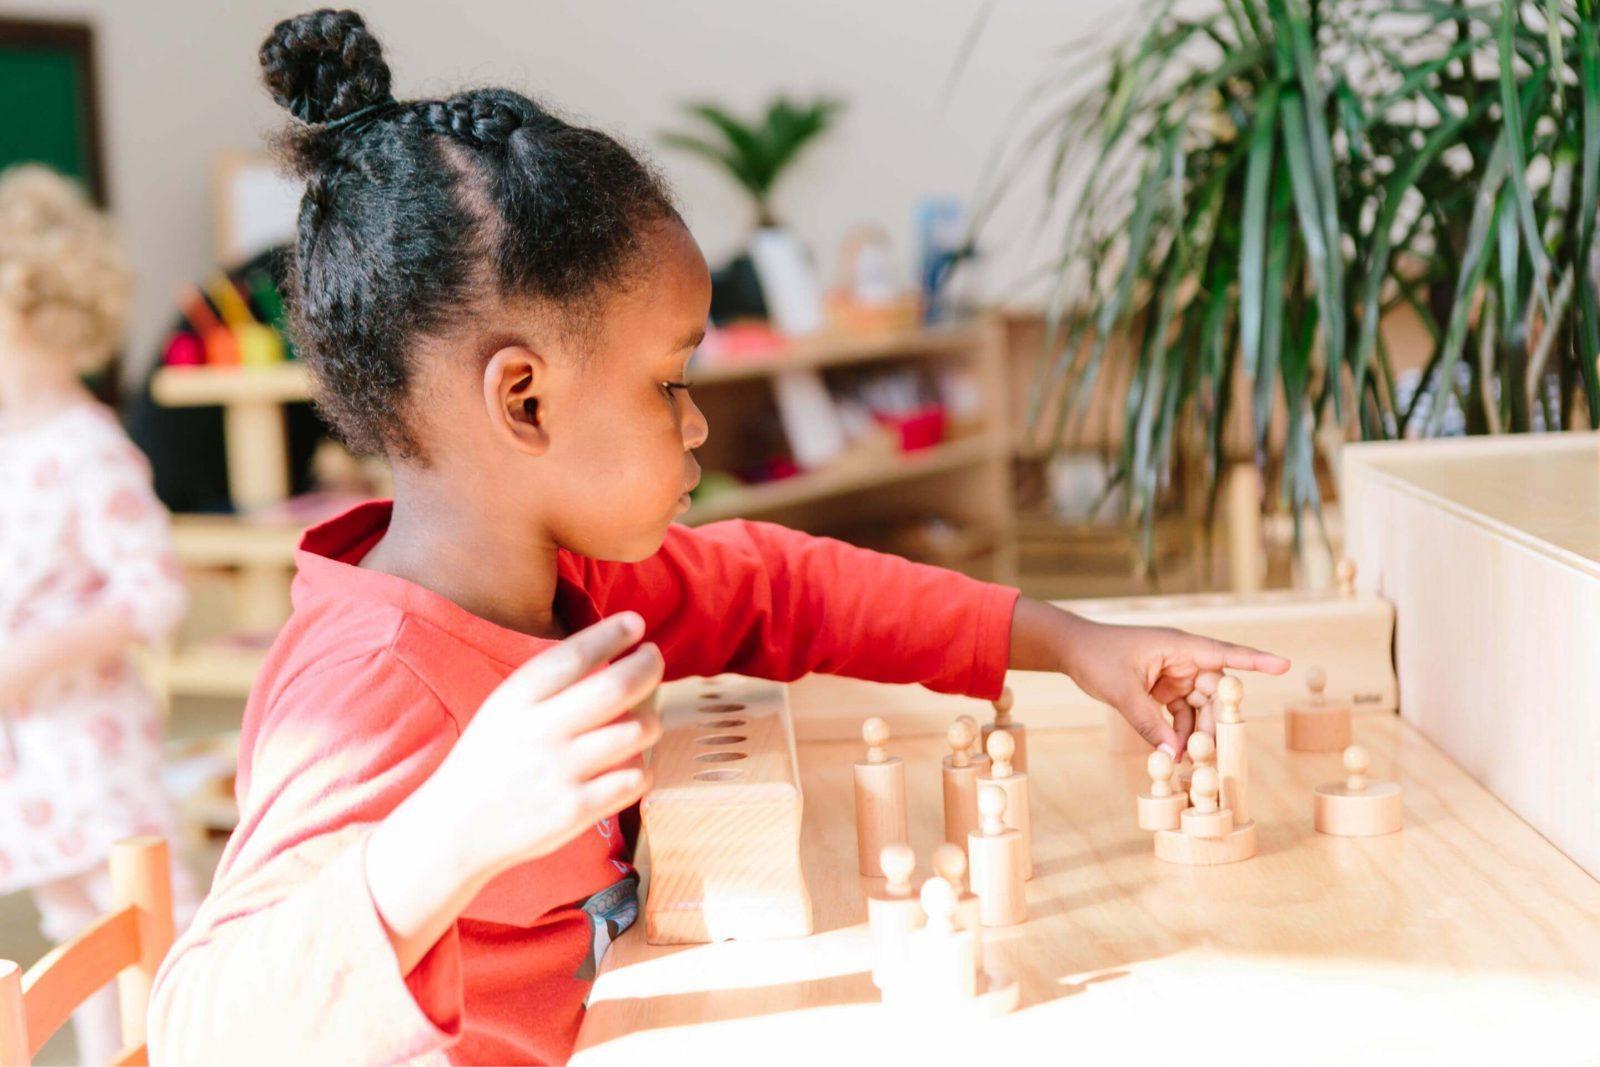 Primary Classroom Montessori School in RI